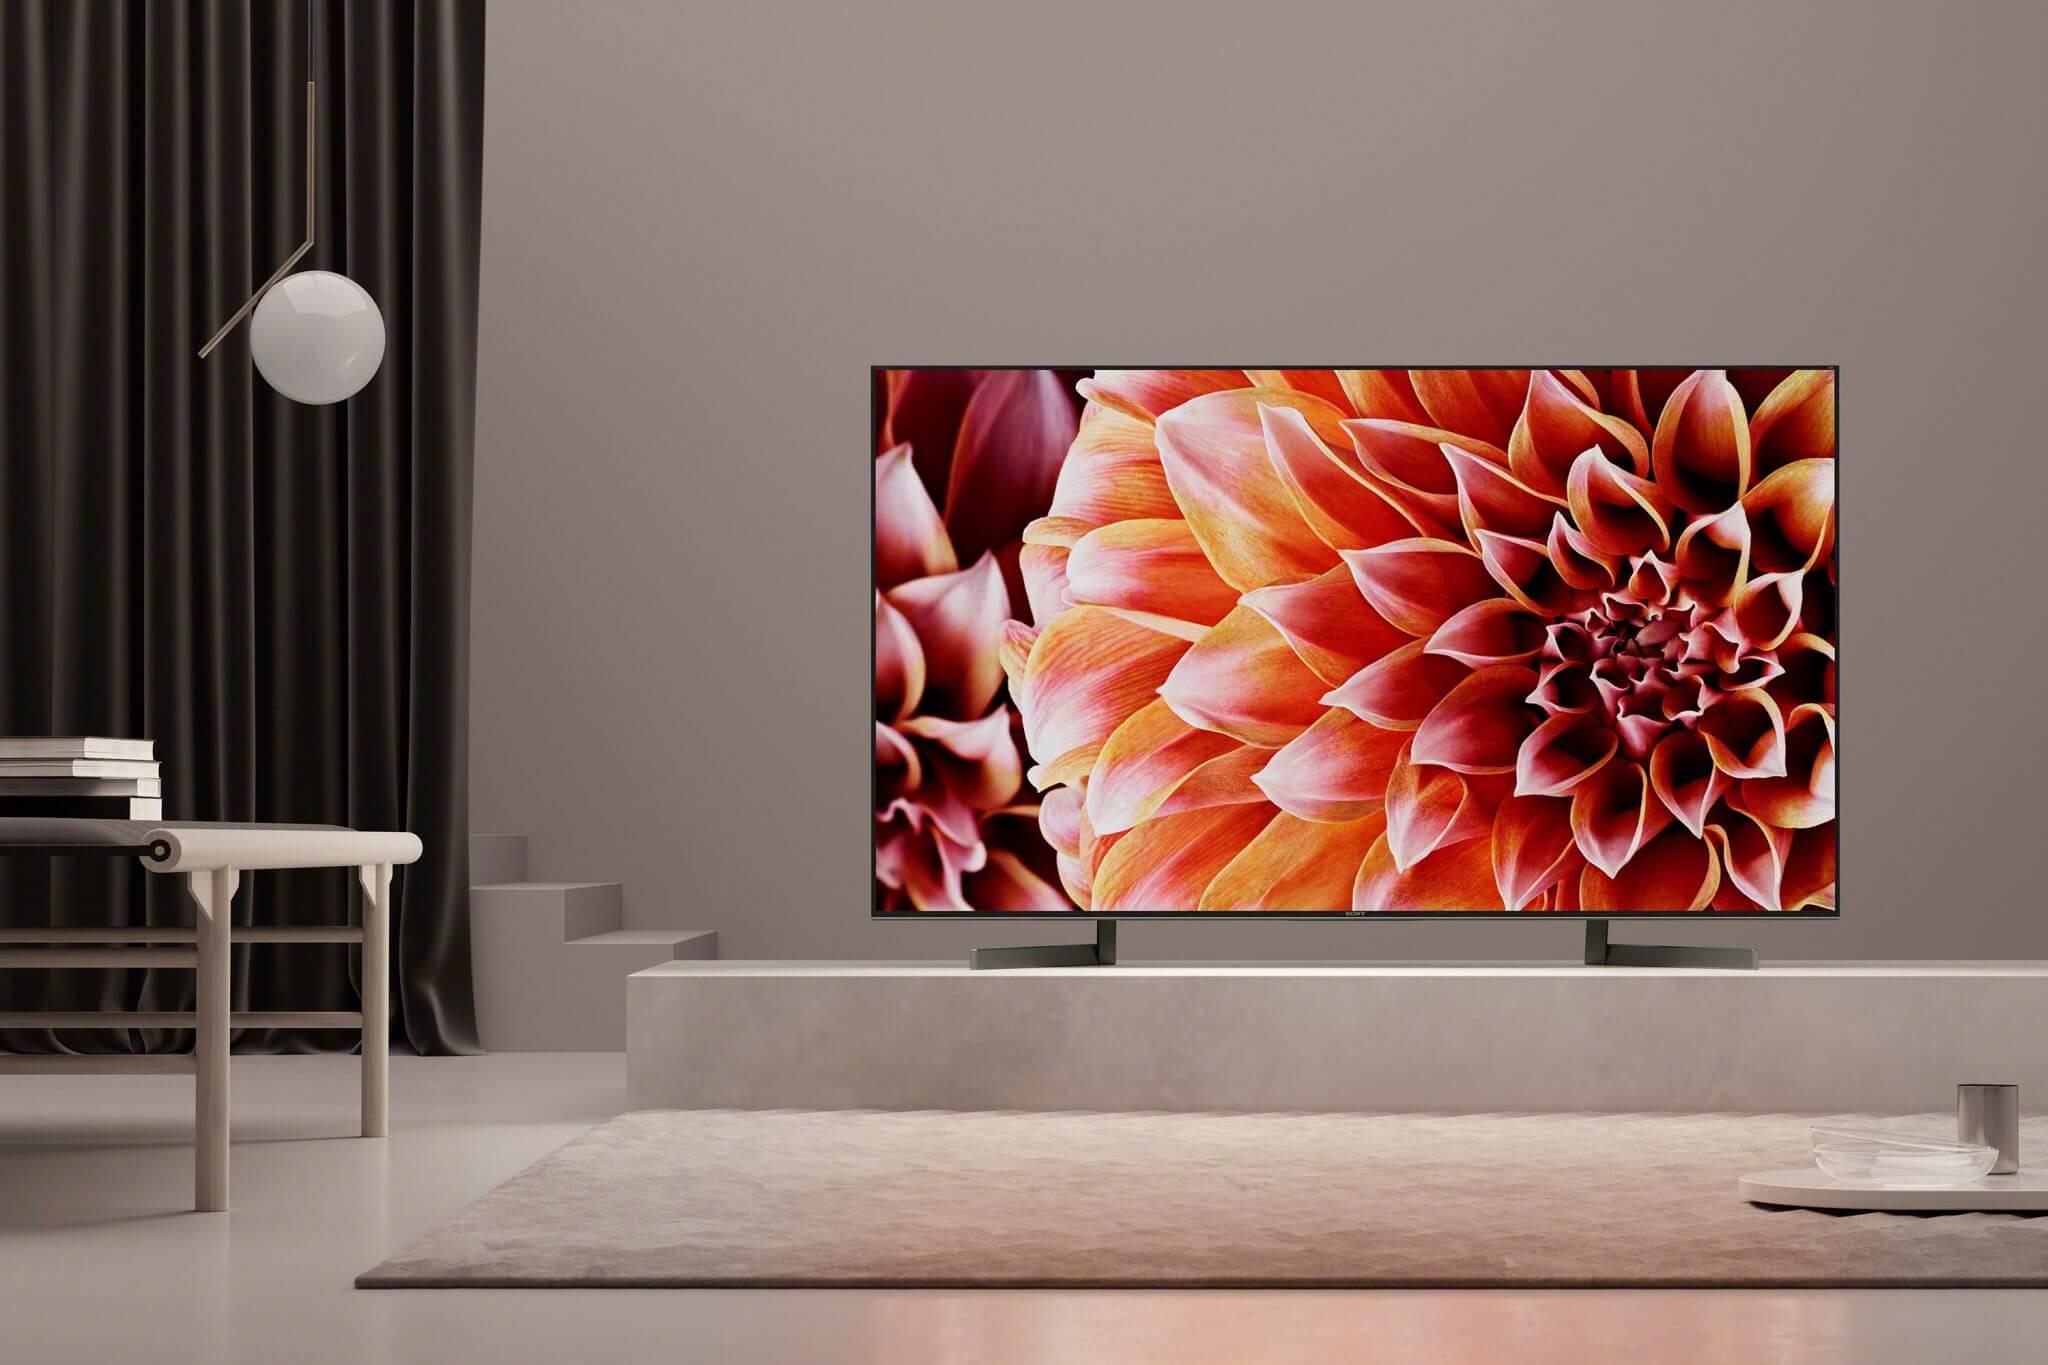 Ces 2018: sony anuncia novas séries de tvs oled e lcd 4k hdr. Com o crescente uso das tecnologias oled e hdr, a sony expandiu seu arsenal de tvs premium. Em destaque estão as tvs das séries a8f e x900f.